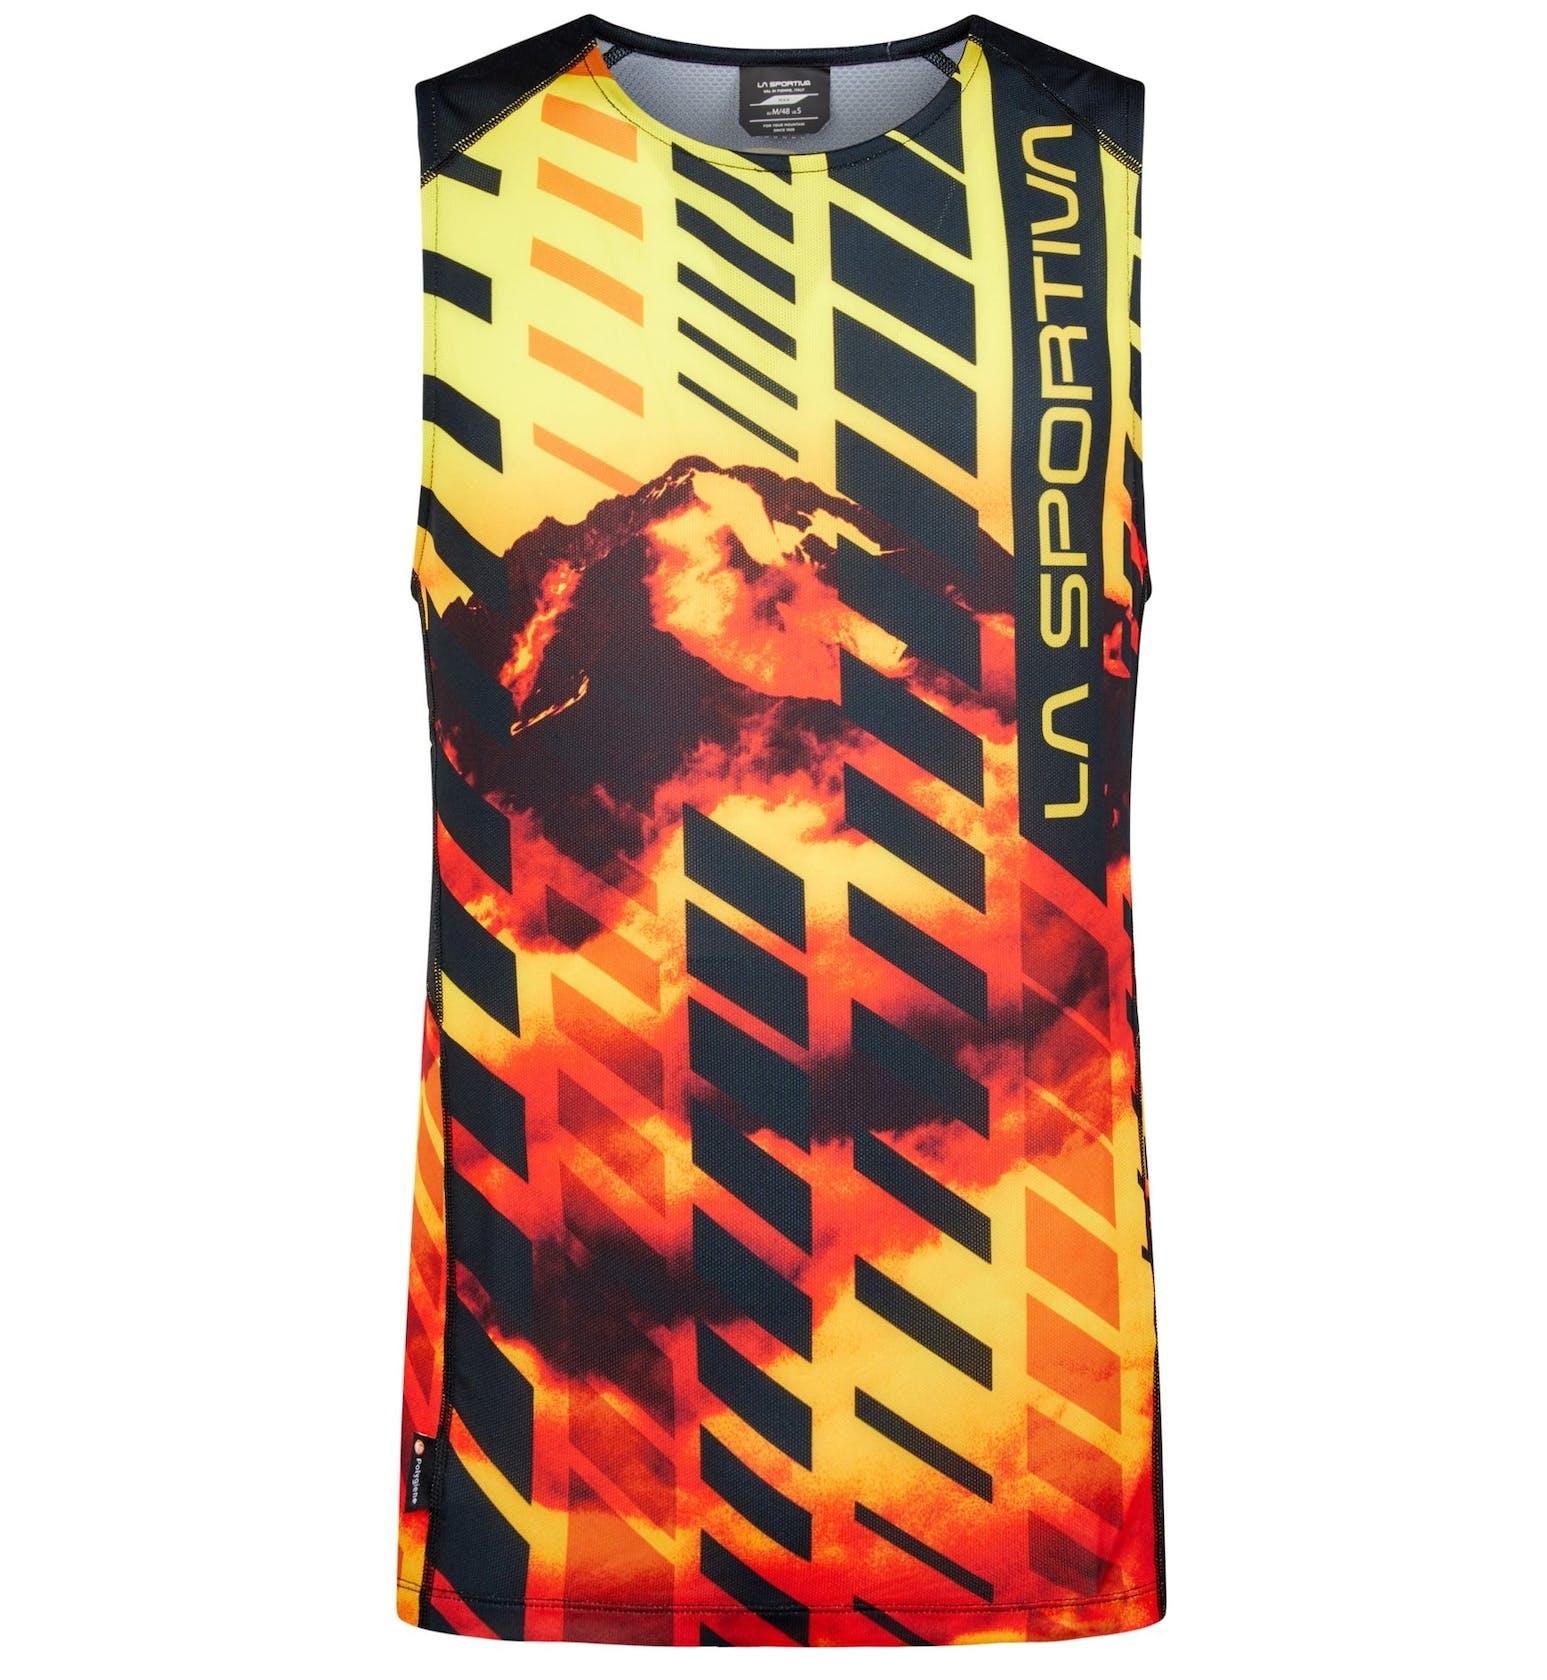 La Sportiva Slipstream - Trailrunningshirt ärmellos - Herren